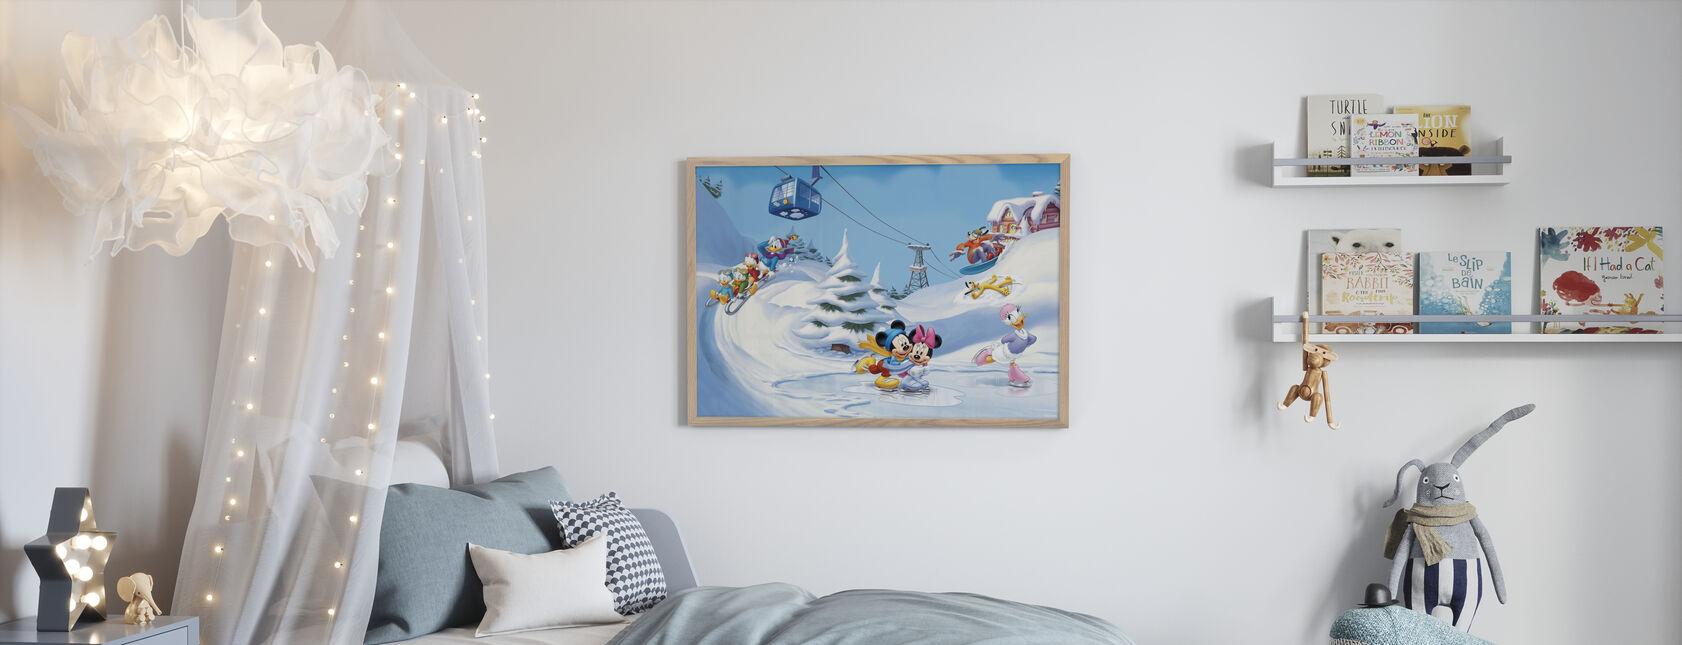 Mikke og venner - Vintermoro - Innrammet bilde - Barnerom